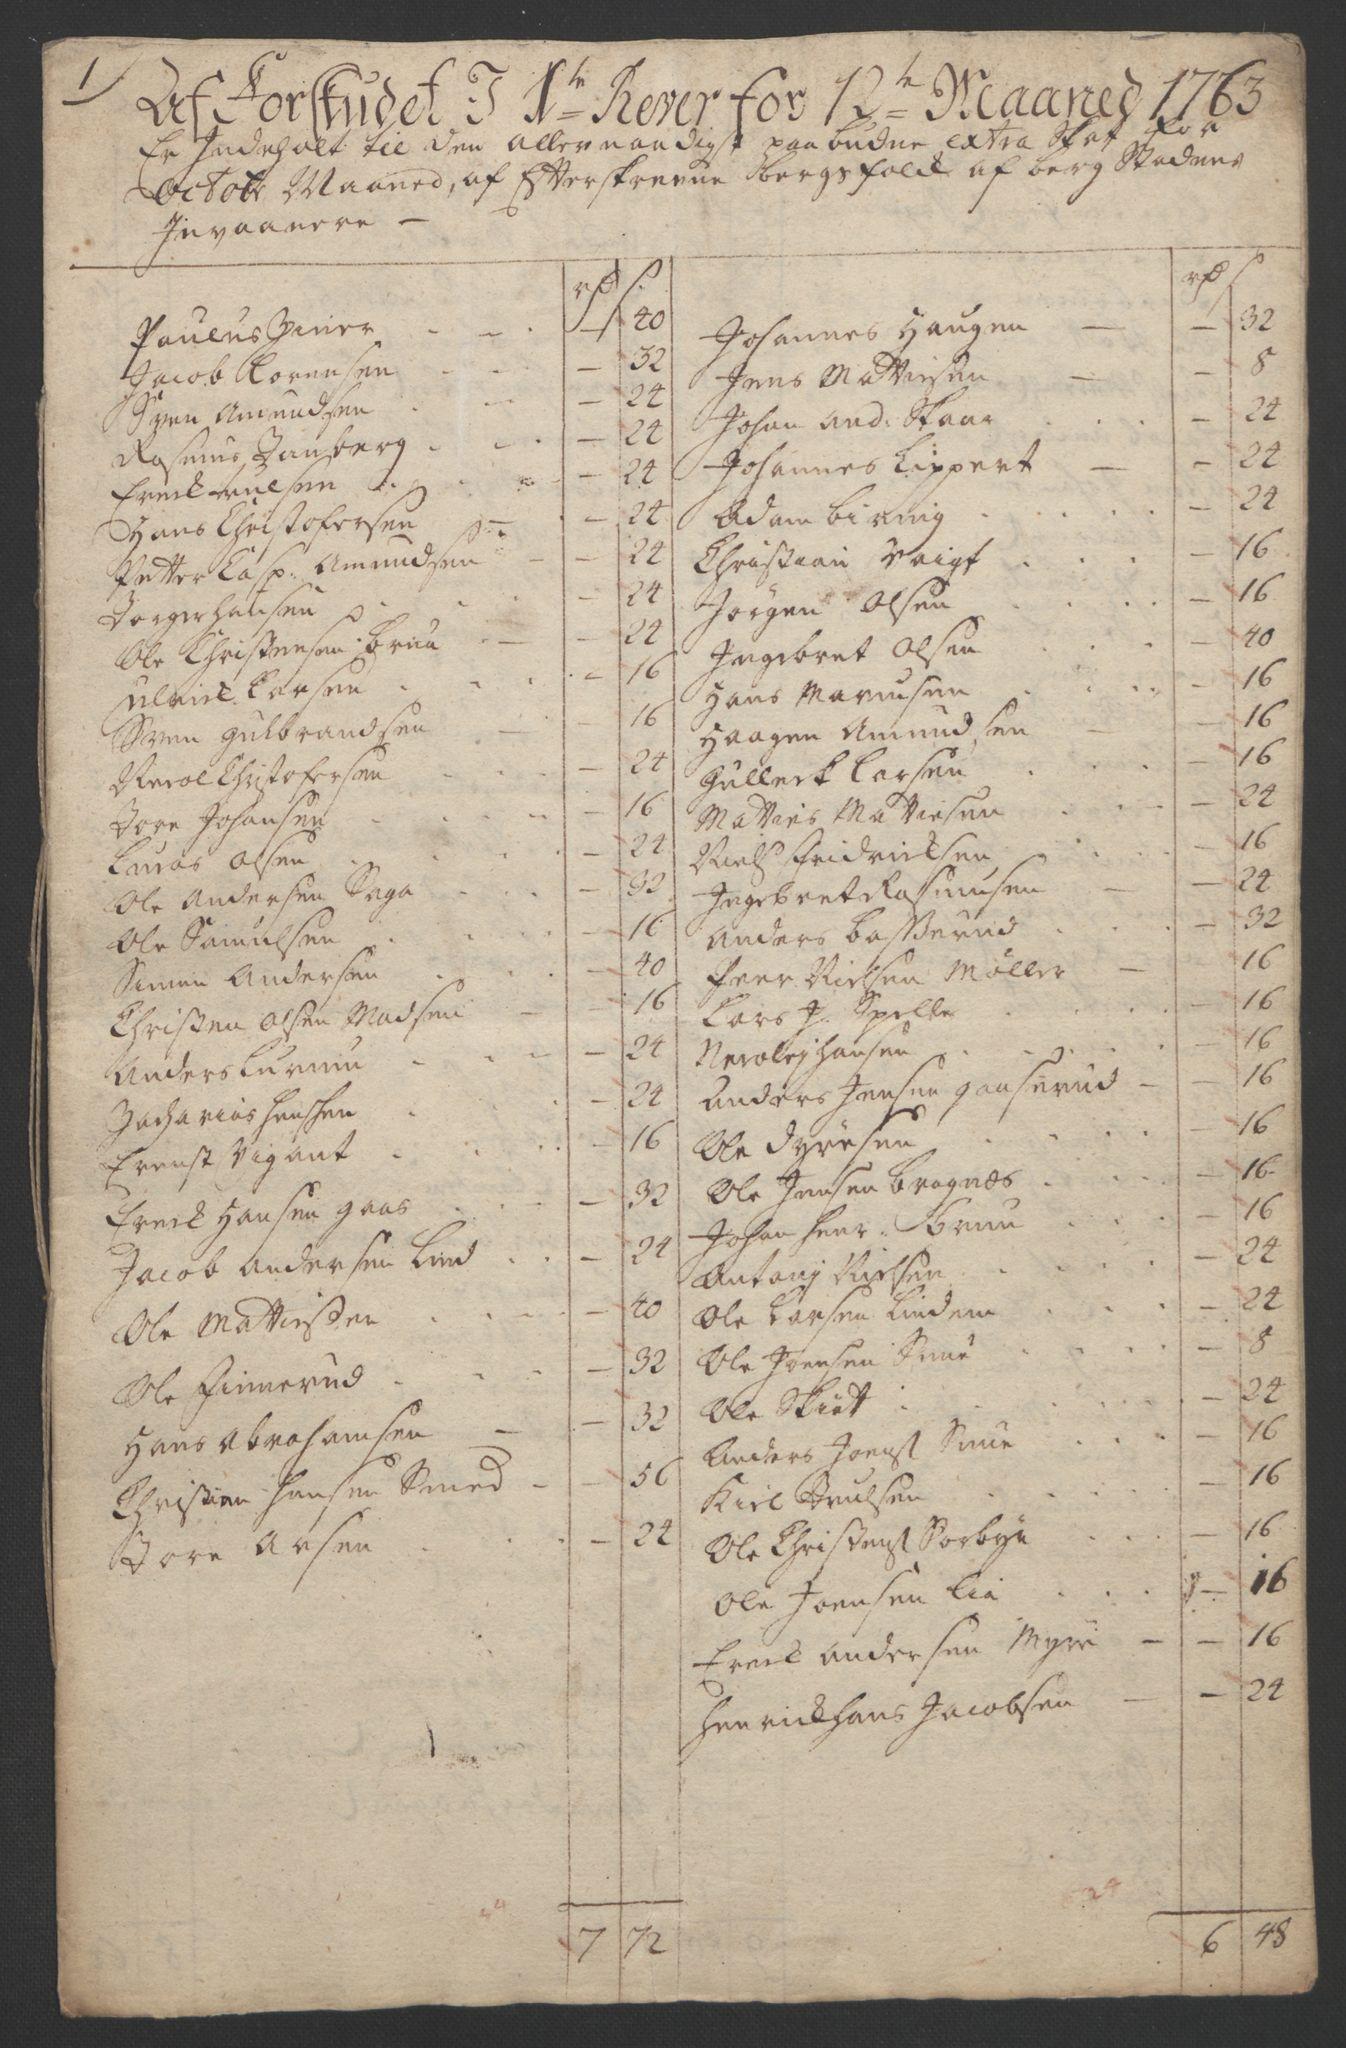 RA, Rentekammeret inntil 1814, Reviderte regnskaper, Bergverksregnskaper, R/Rc/Rca/L0843: Ekstraskatt, 1762-1765, s. 162